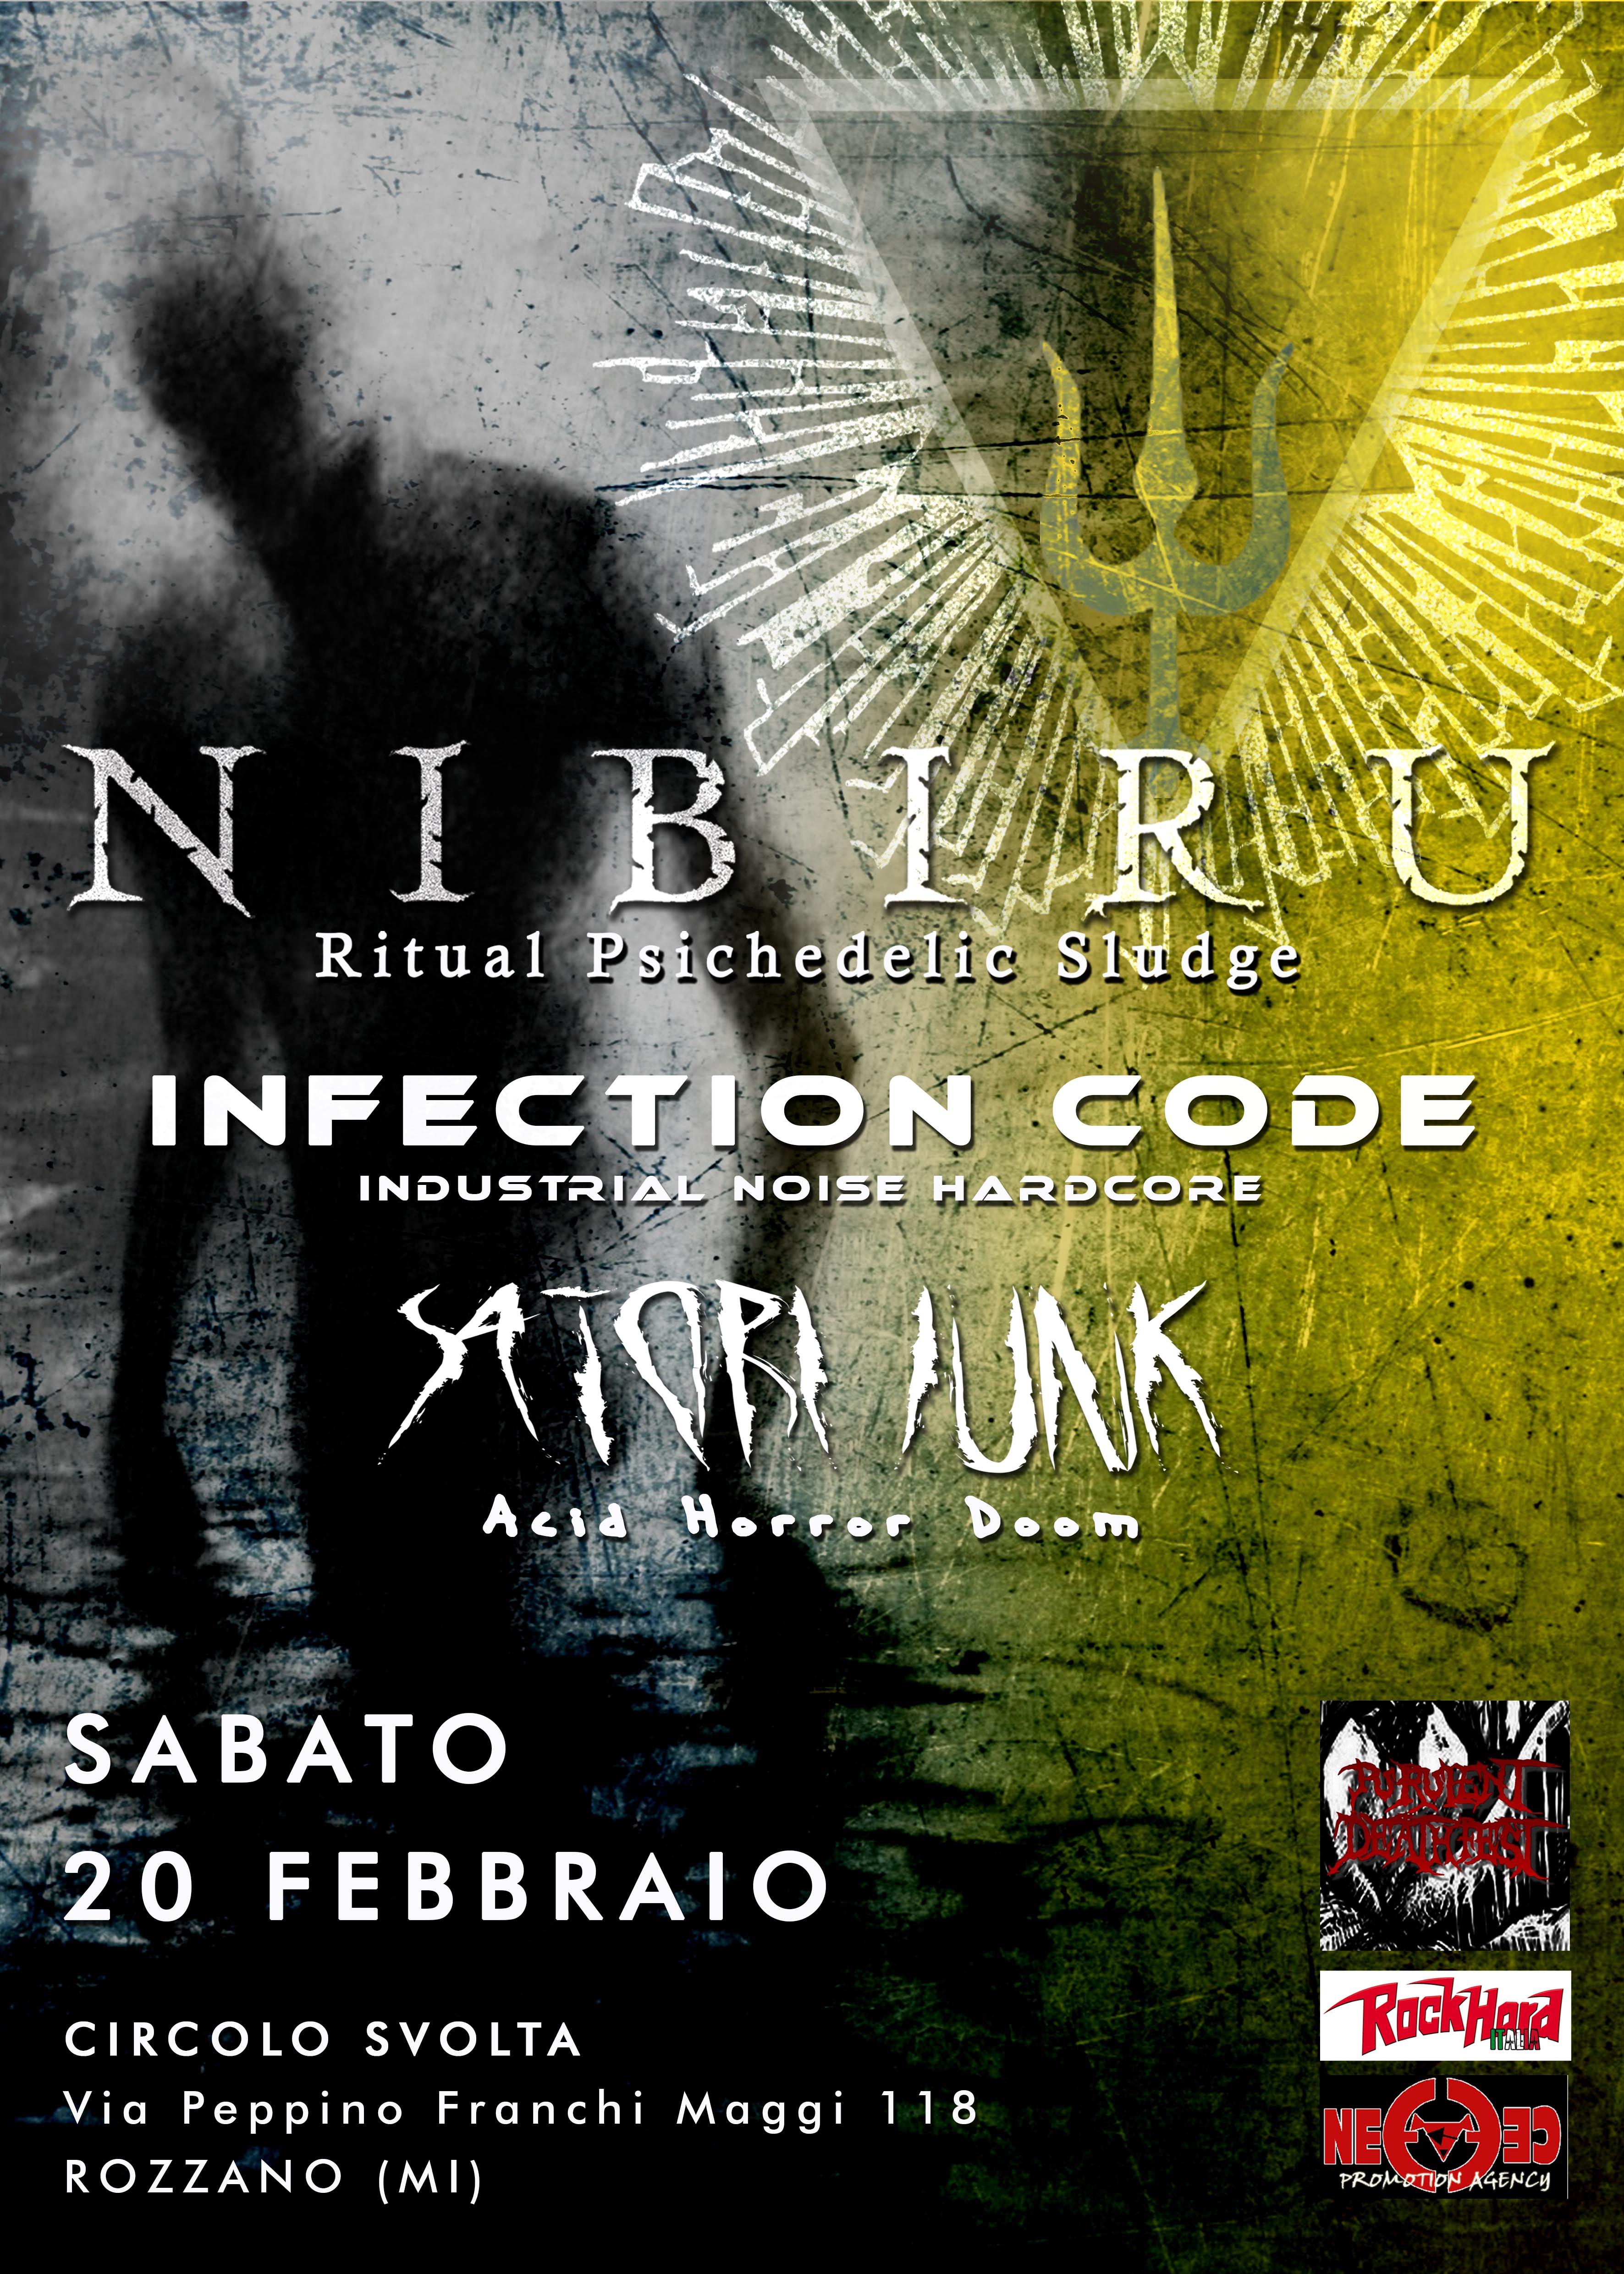 Nibiru a Milano + Infection Code + Satori Junk @ Circolo Svolta - 20 02 2016